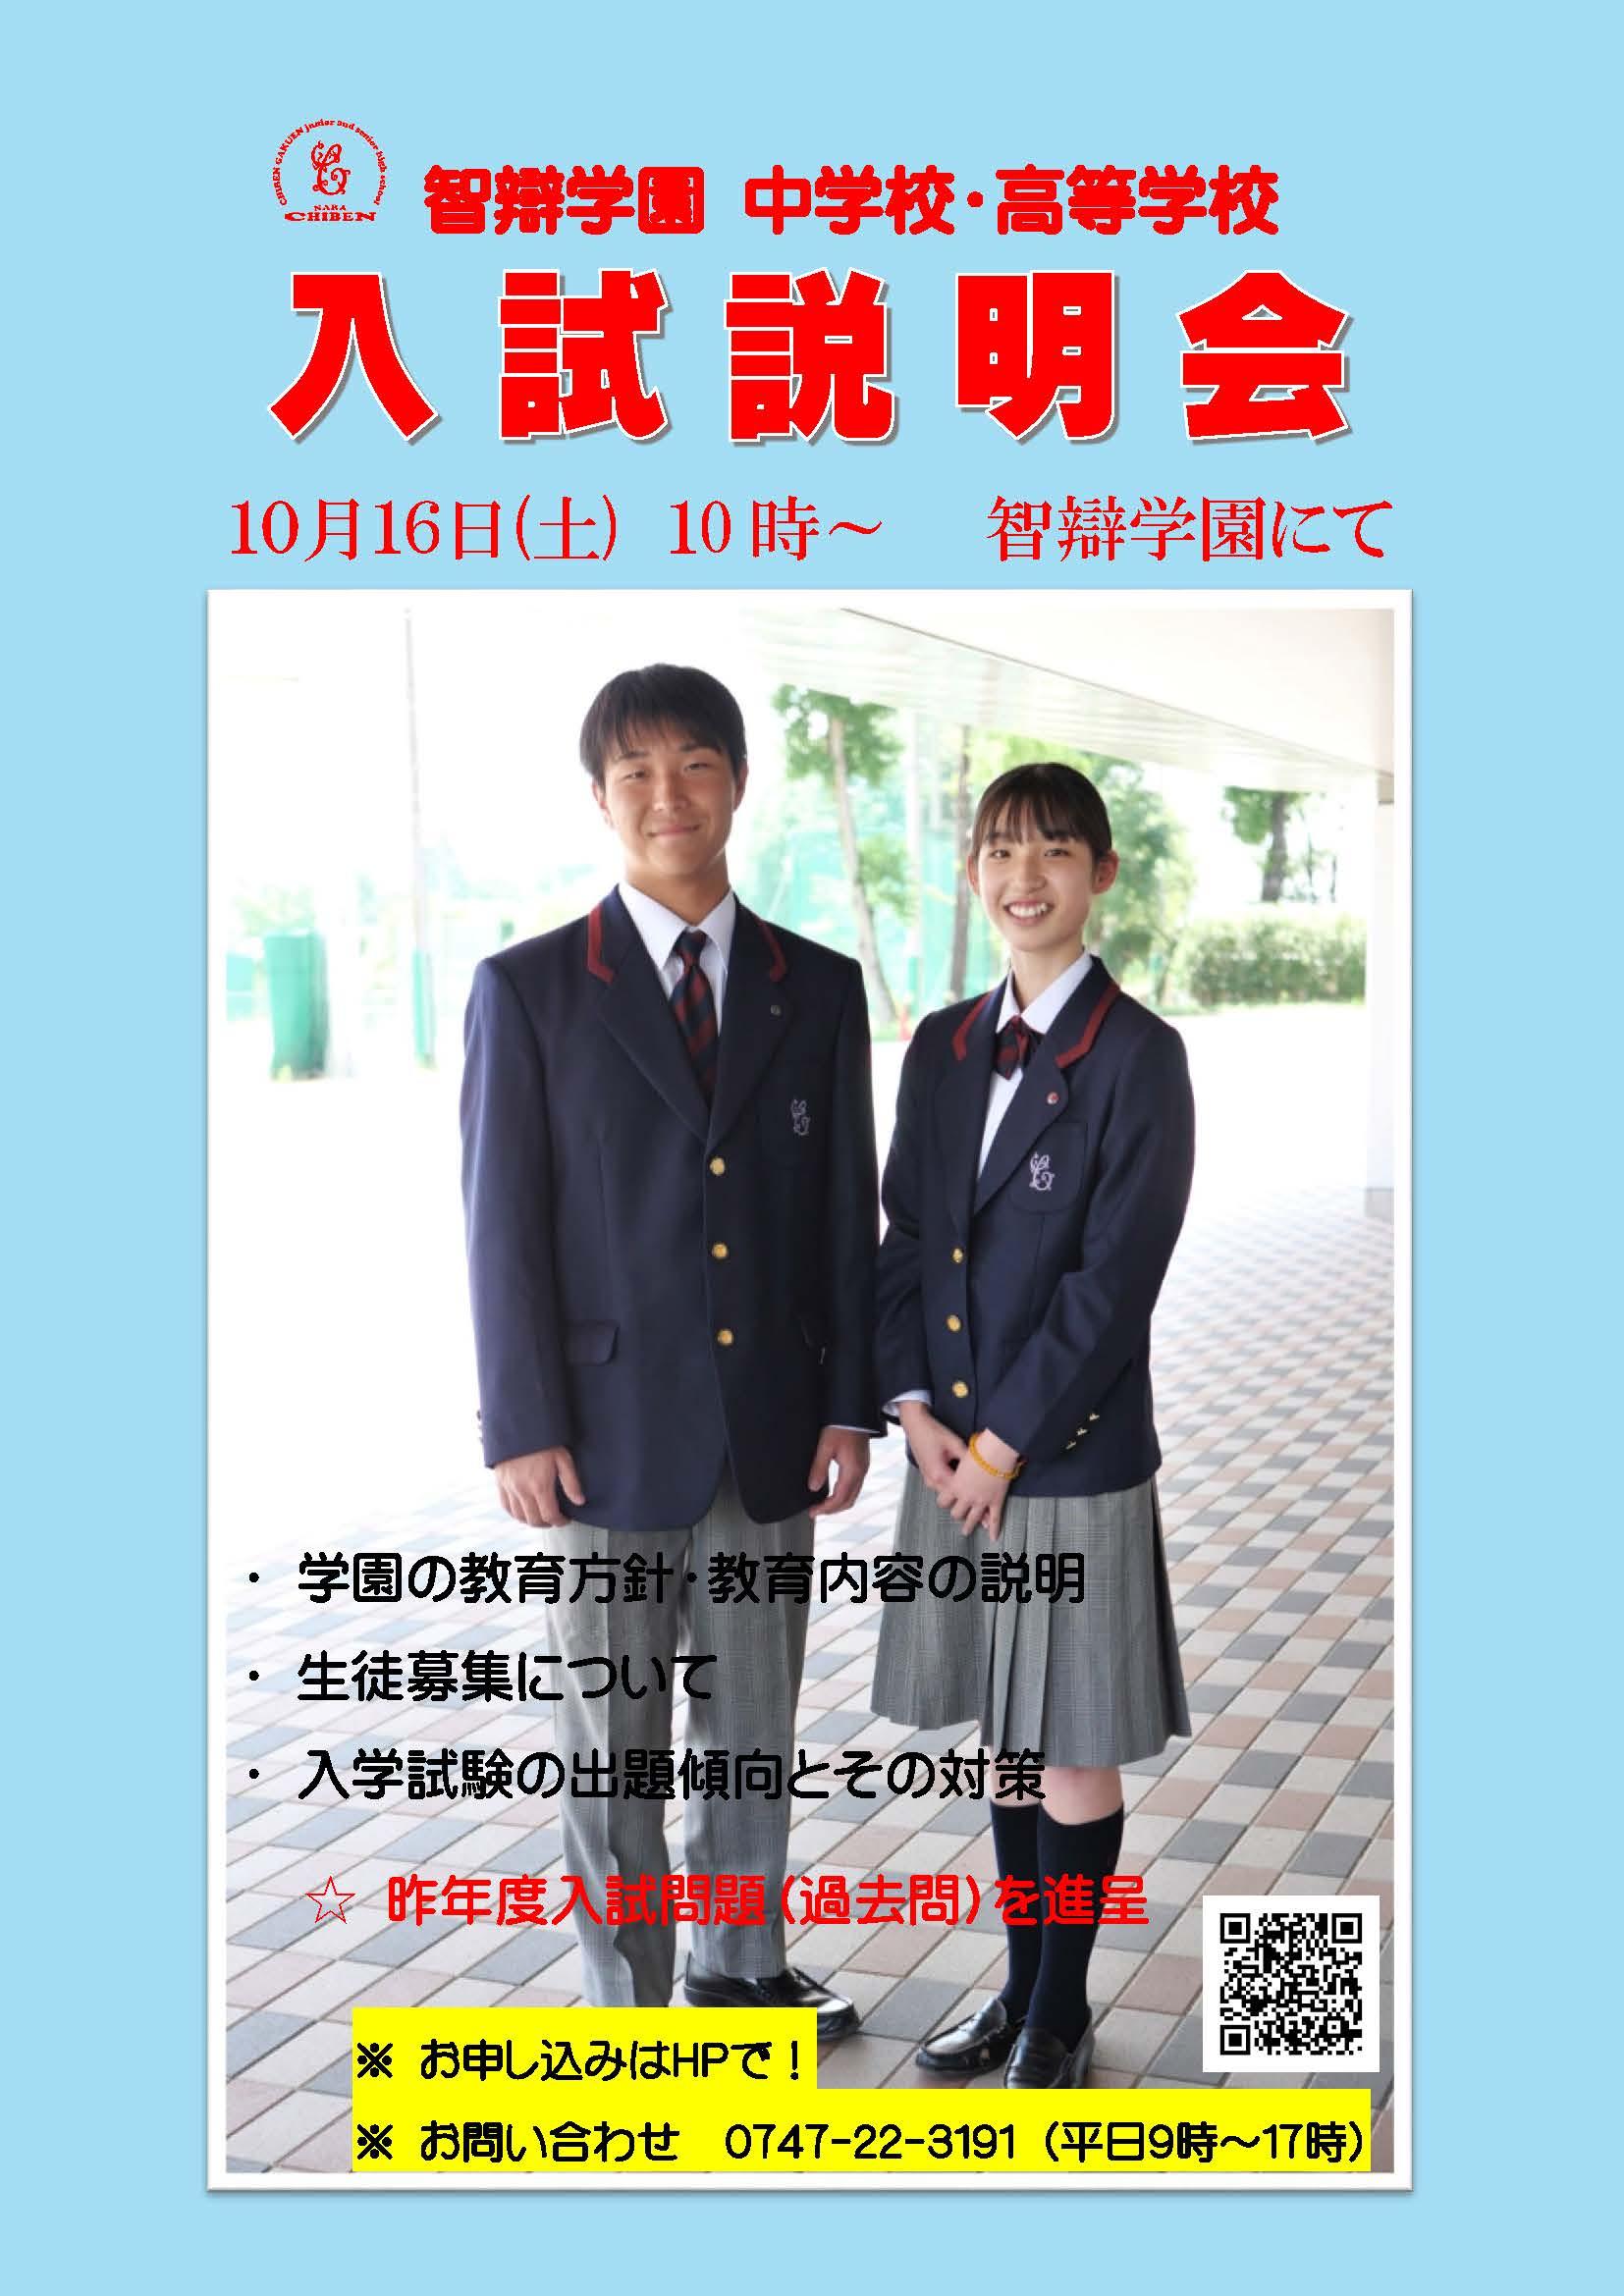 【中学・高校】「入試説明会(10月16日〈土〉10時~)」の申し込み受付中です。